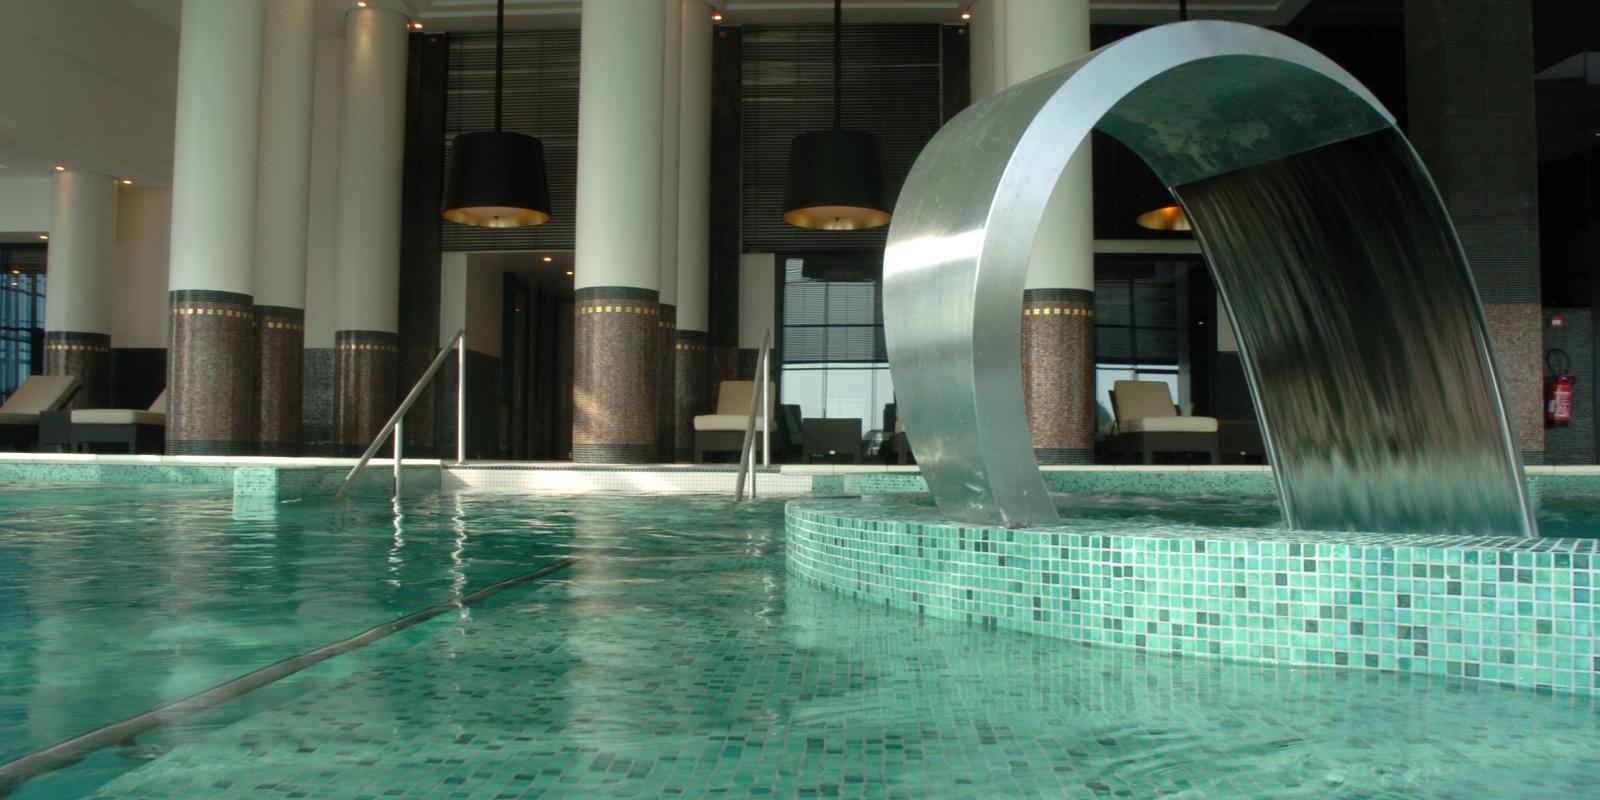 Photo d'un des bassins du spark d'enghien les bains avec une fontain à eau